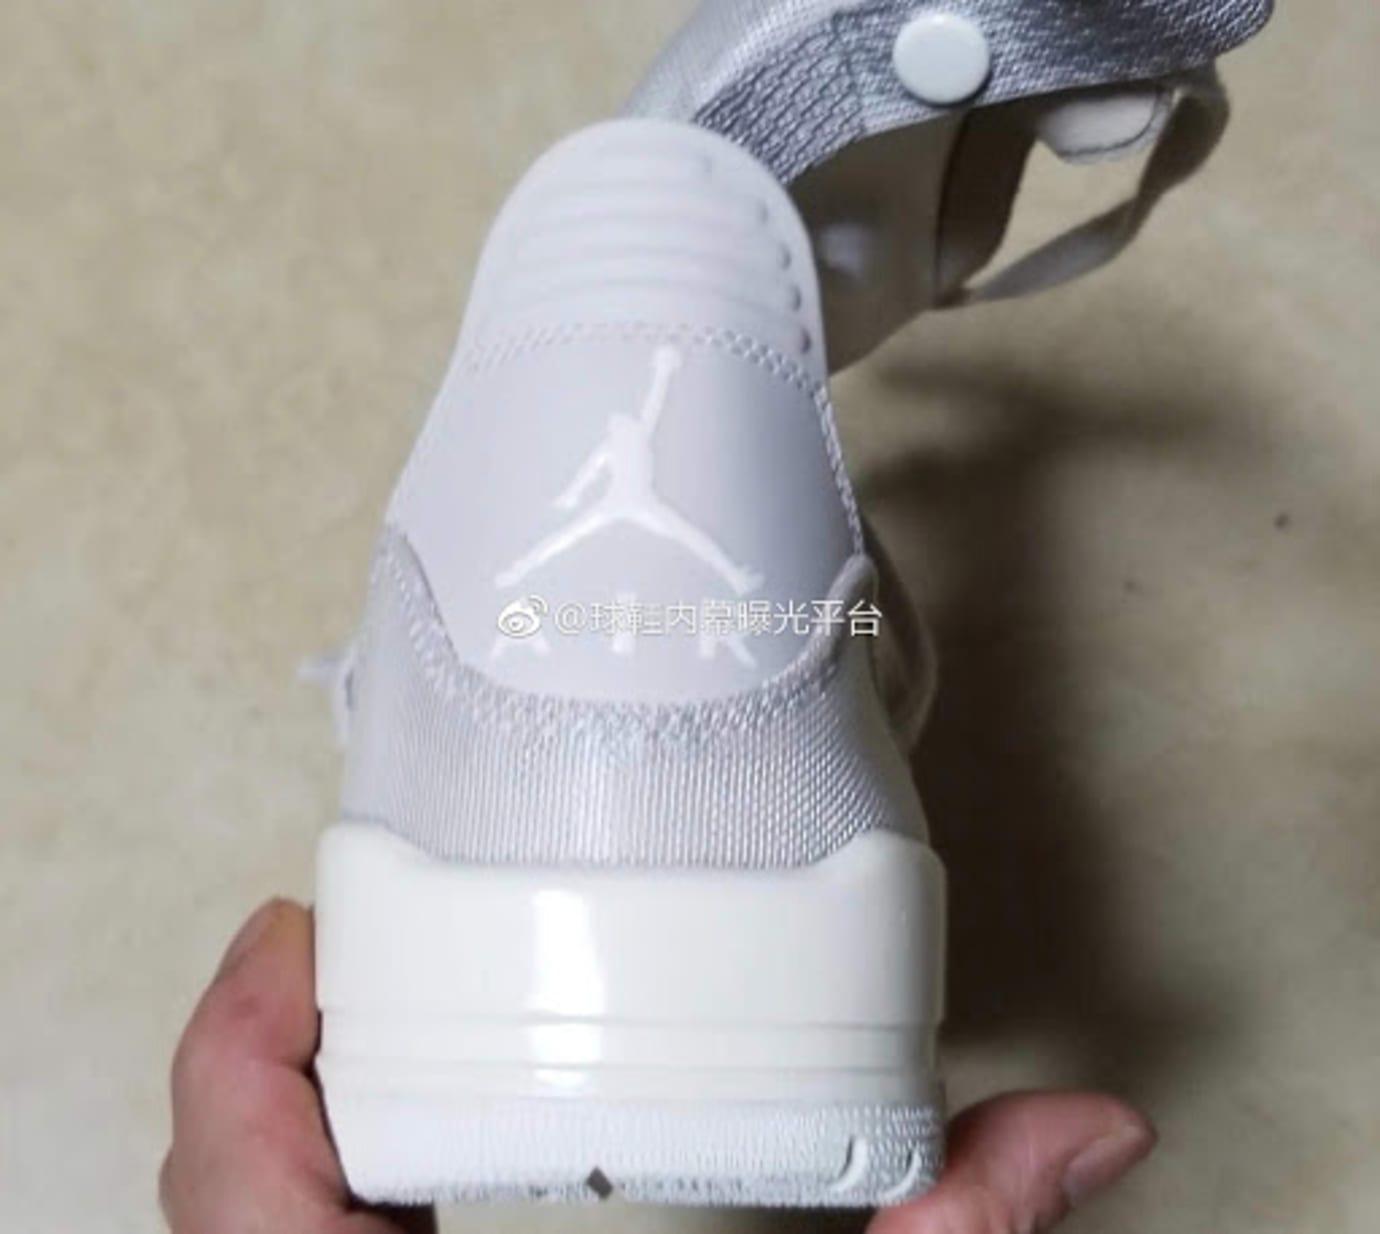 Air Jordan 3 EXP rear